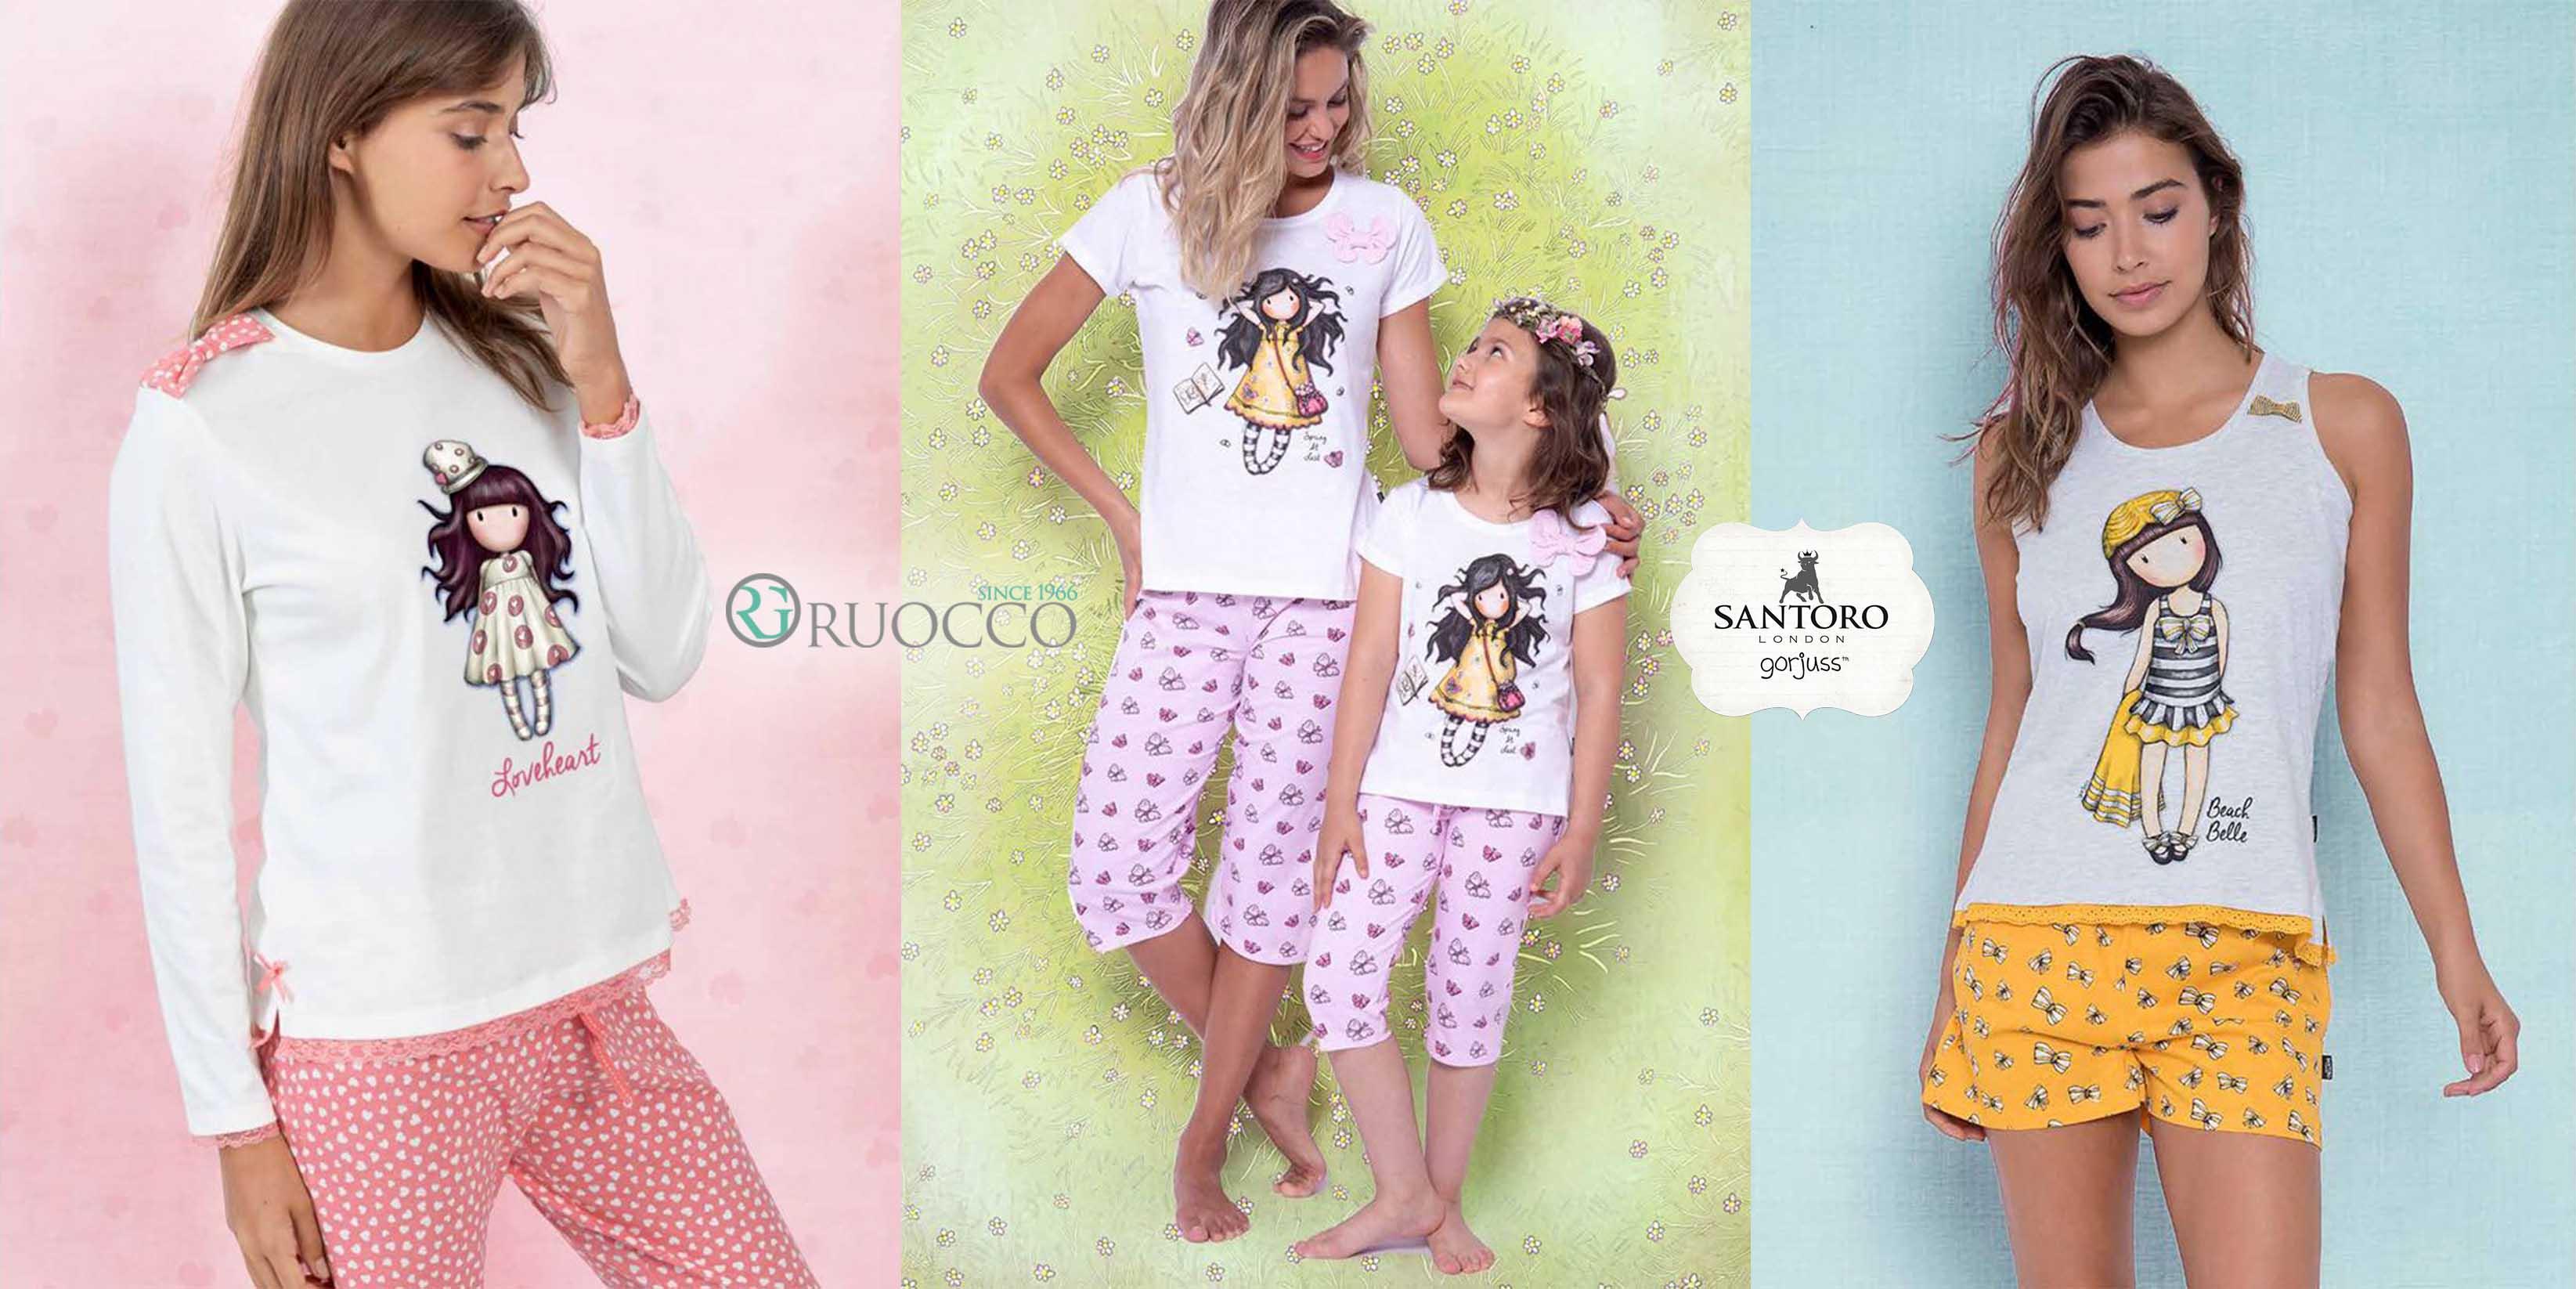 Pigiami Gorjuss Santoro per donna e bambina: avere l'iconica bambola sempre con te